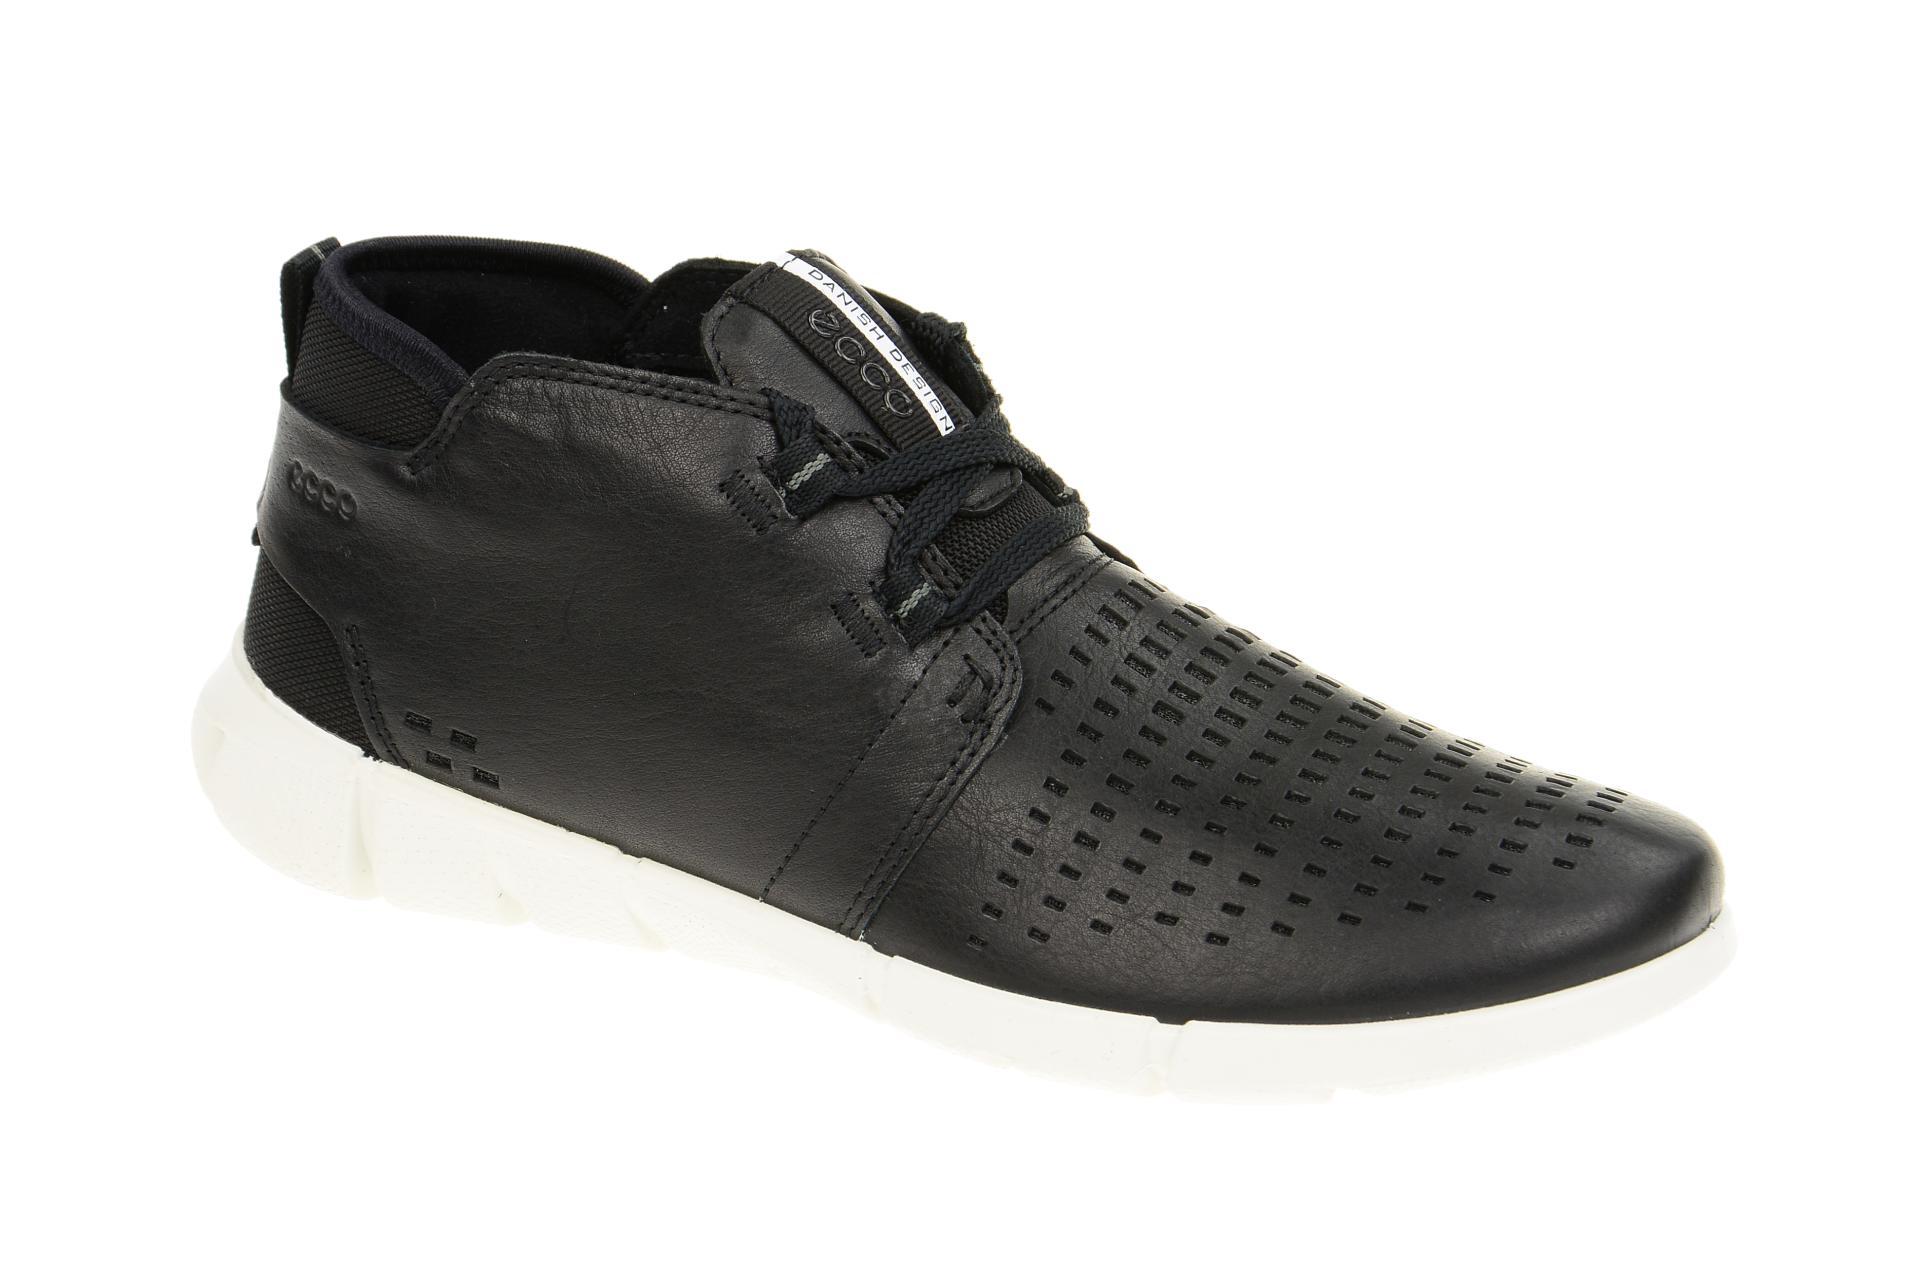 4354634c021468 Ecco Boots Intrinsic 1 Schuhe schwarz - Schuhhaus Strauch Shop